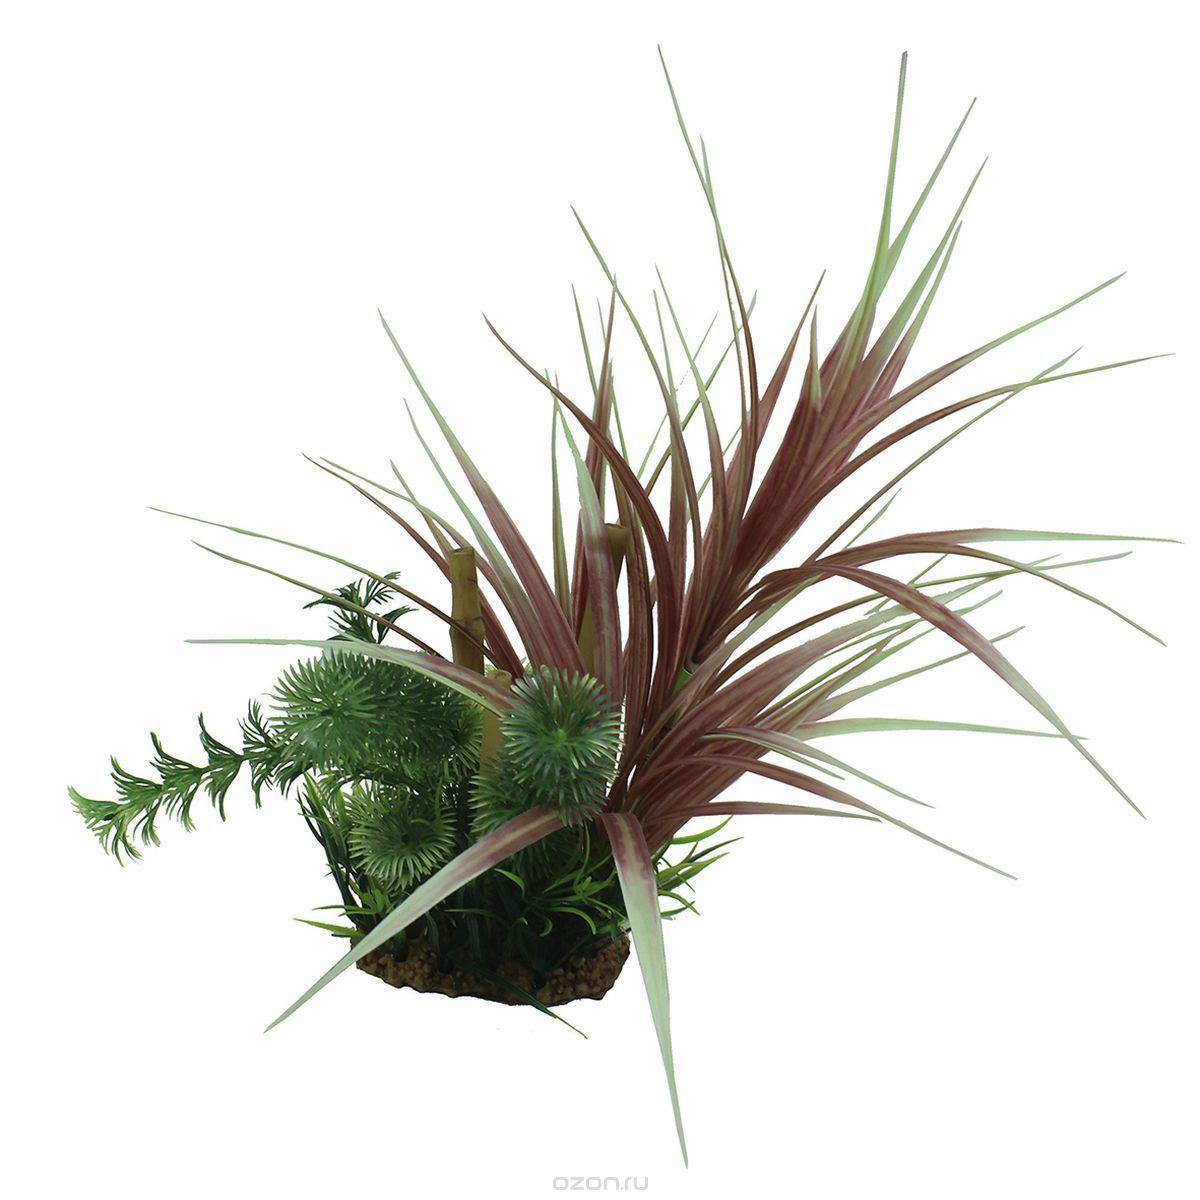 Композиция из растений для аквариума ArtUniq Офиопогон красный с бамбуком, высота 20 см для аквариума ярославль